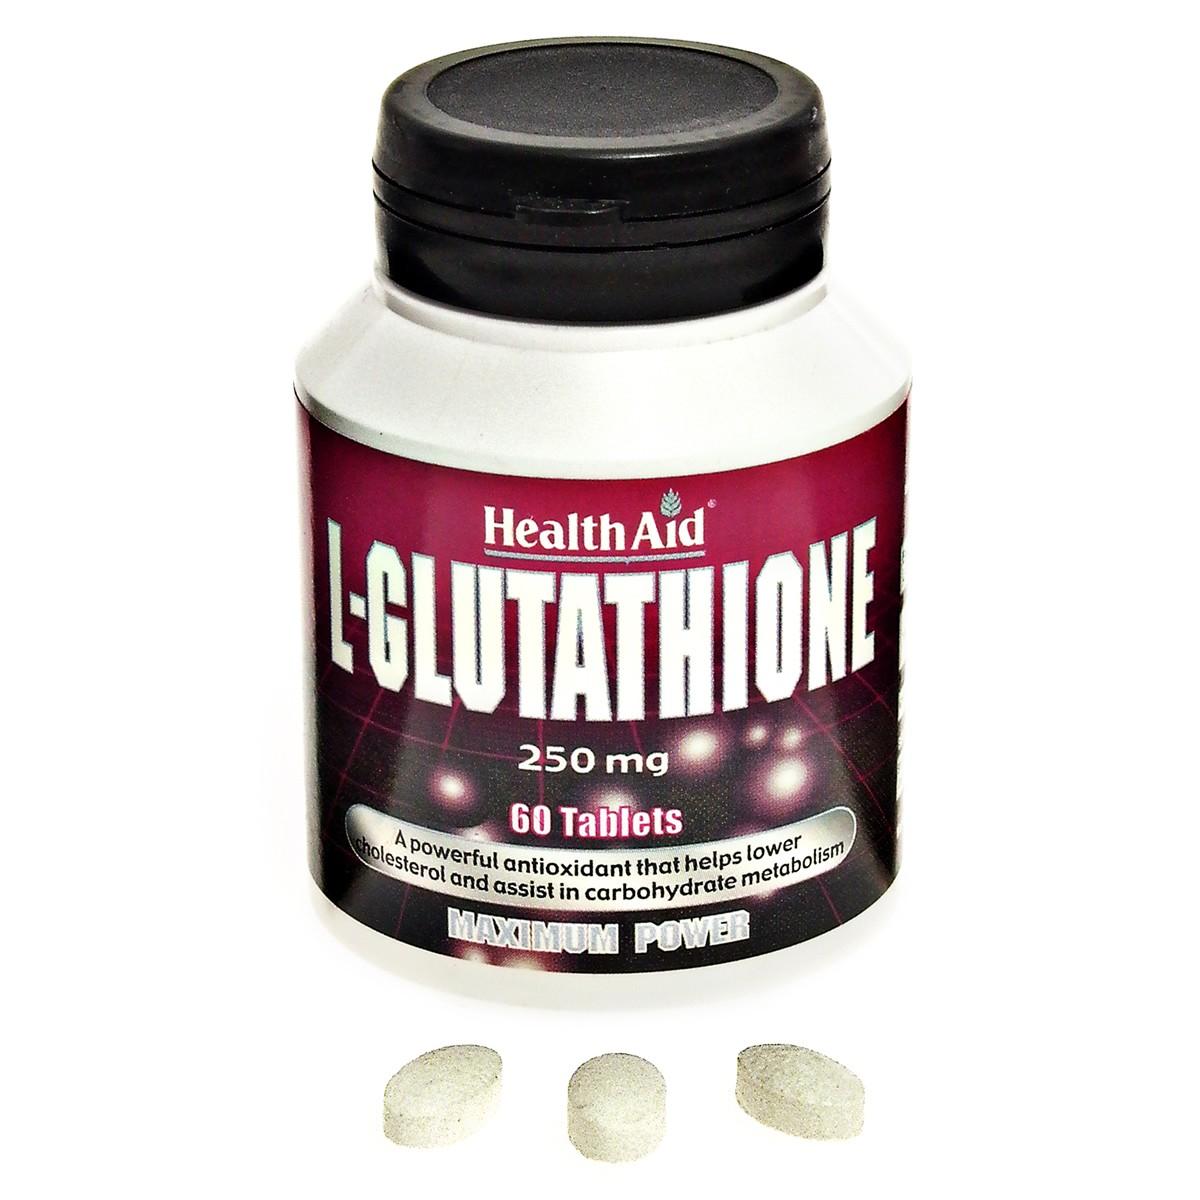 HealthAid L-Glutathione 250mg Tablets